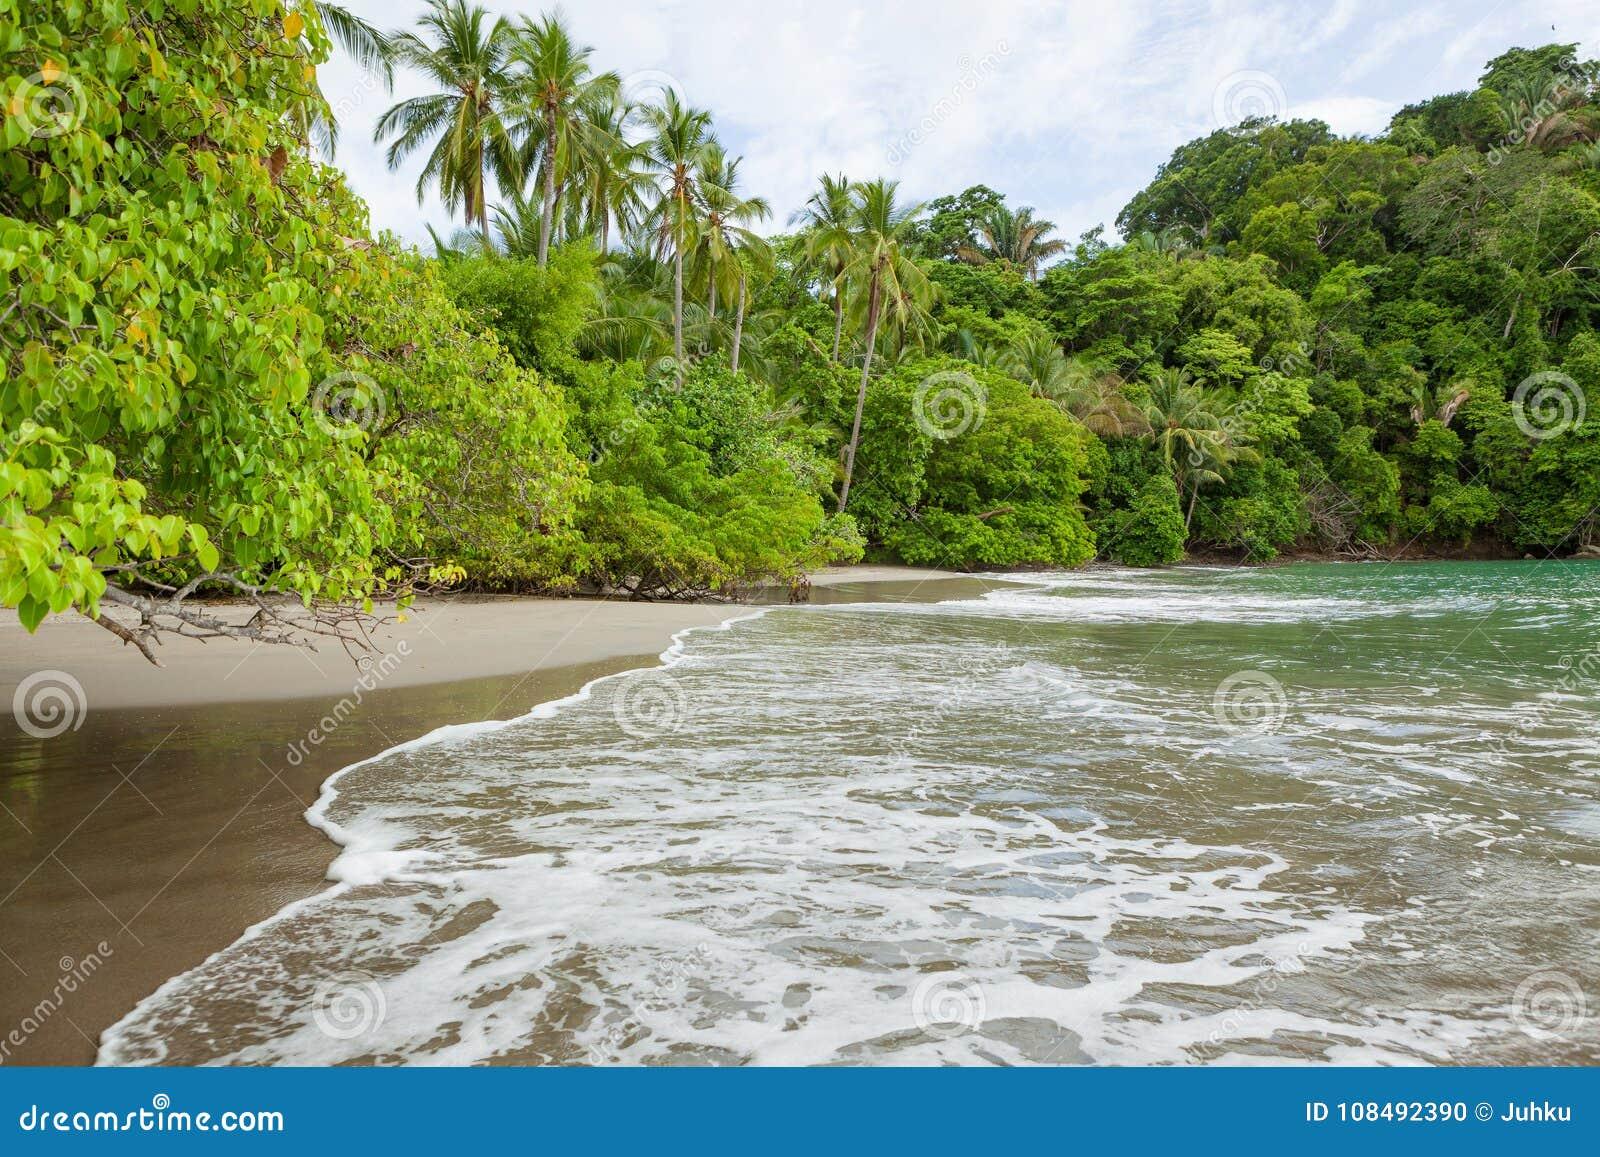 Beach Manuel Antonio Costa Rica